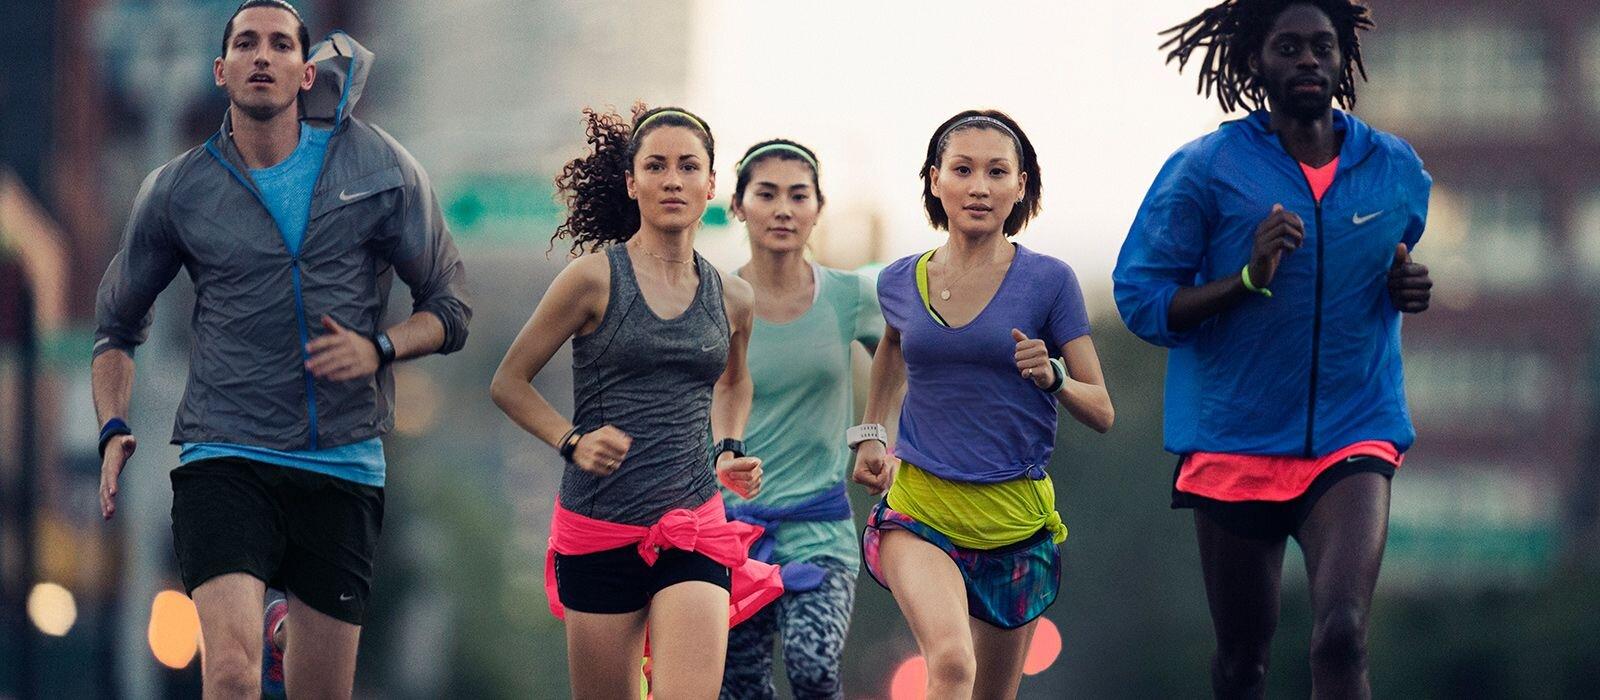 Nike giảm giá 20% cho một số mẫu giày thể thao